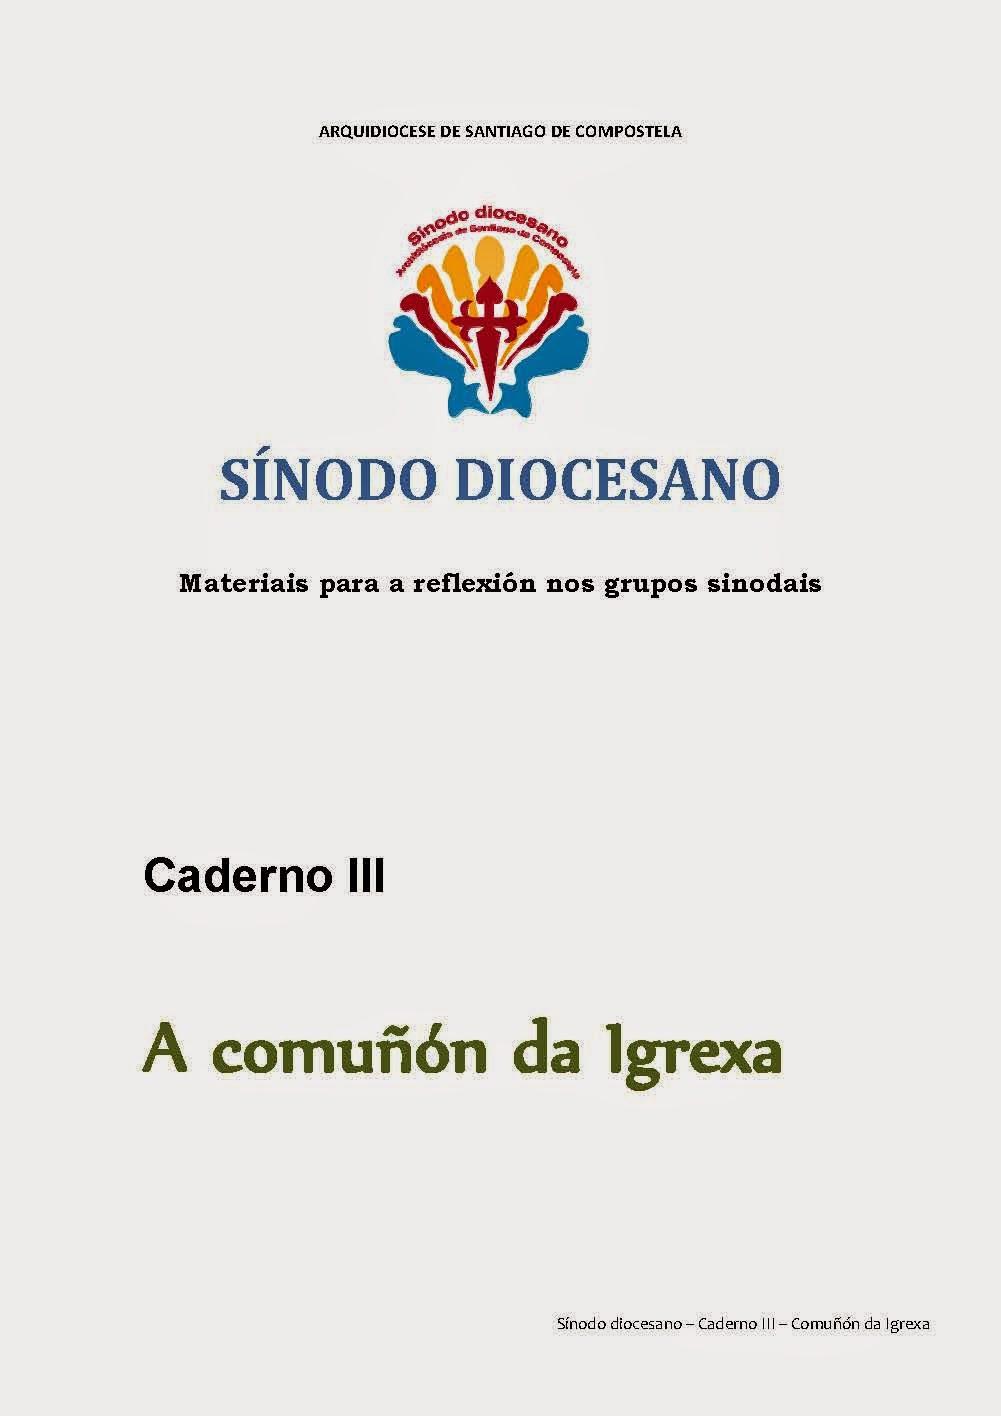 www.archicompostela.org/Comun/sinodo-diocesano/Caderno_III_Comunon_da_Igrexa.pdf